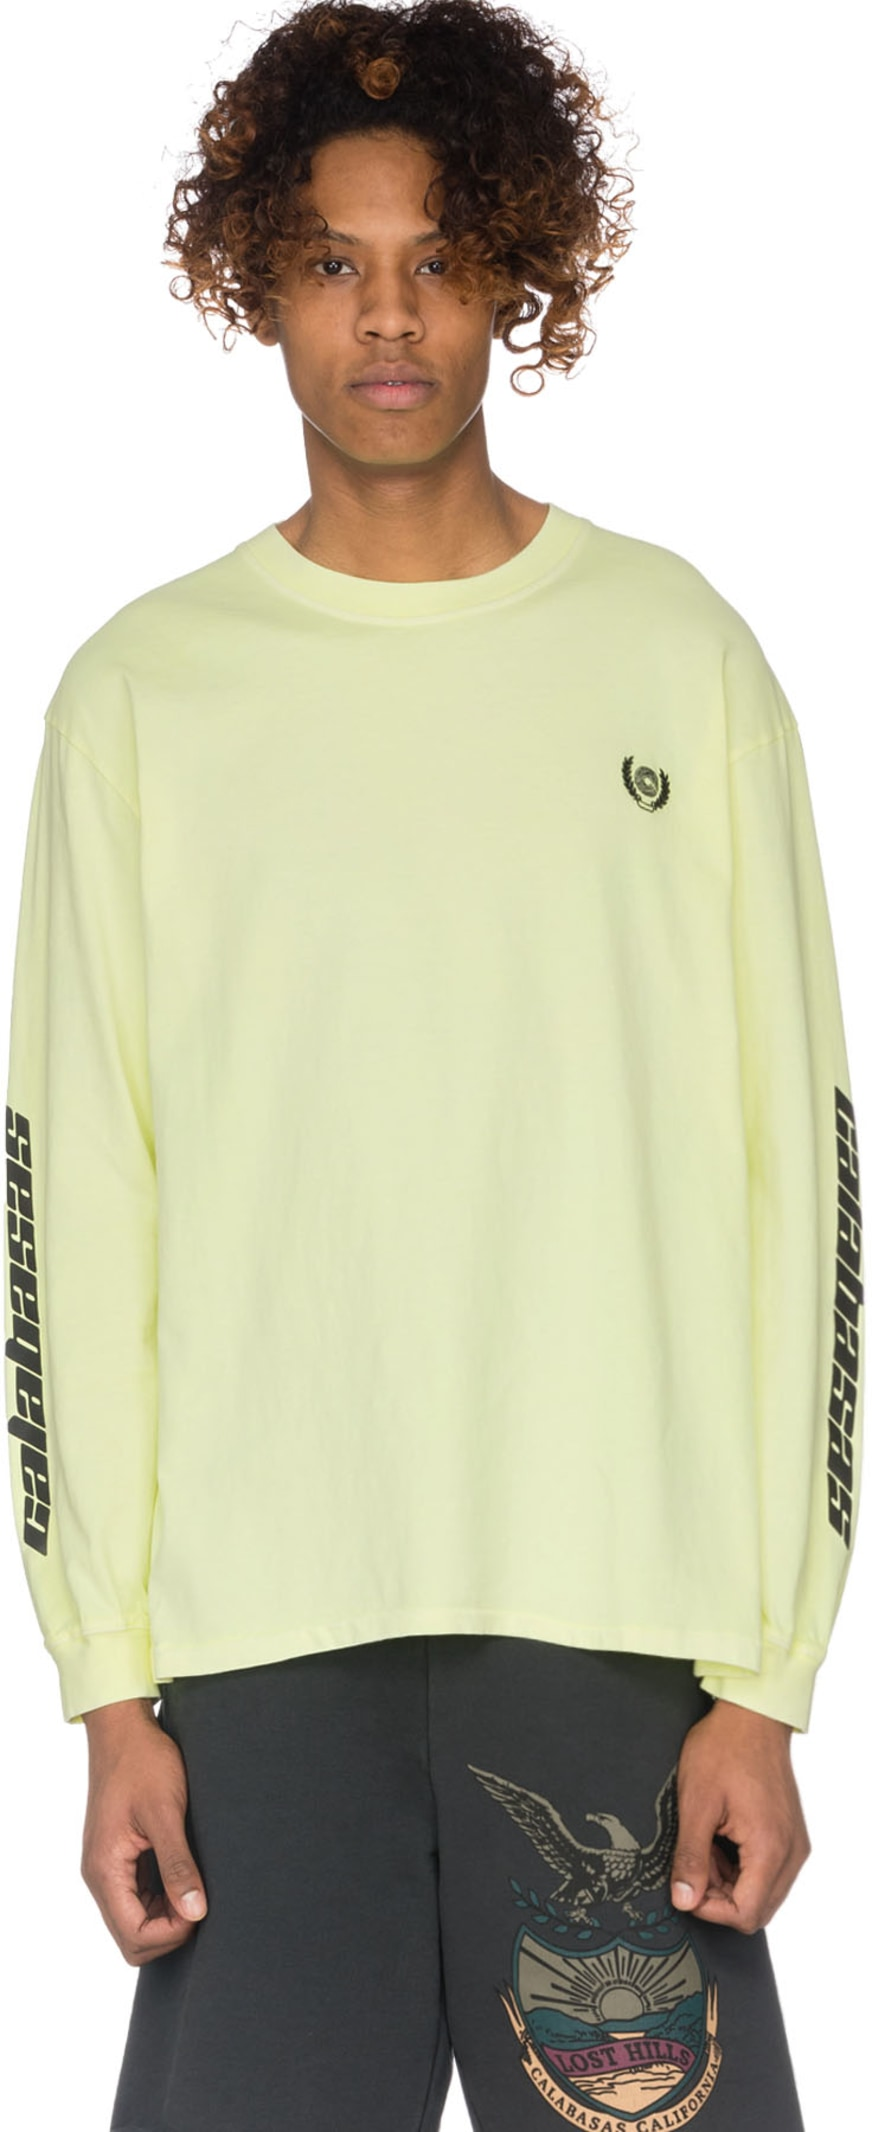 b823544ca342a YEEZY  Calabasas Crest Long Sleeve T-shirt - Frozen Yellow